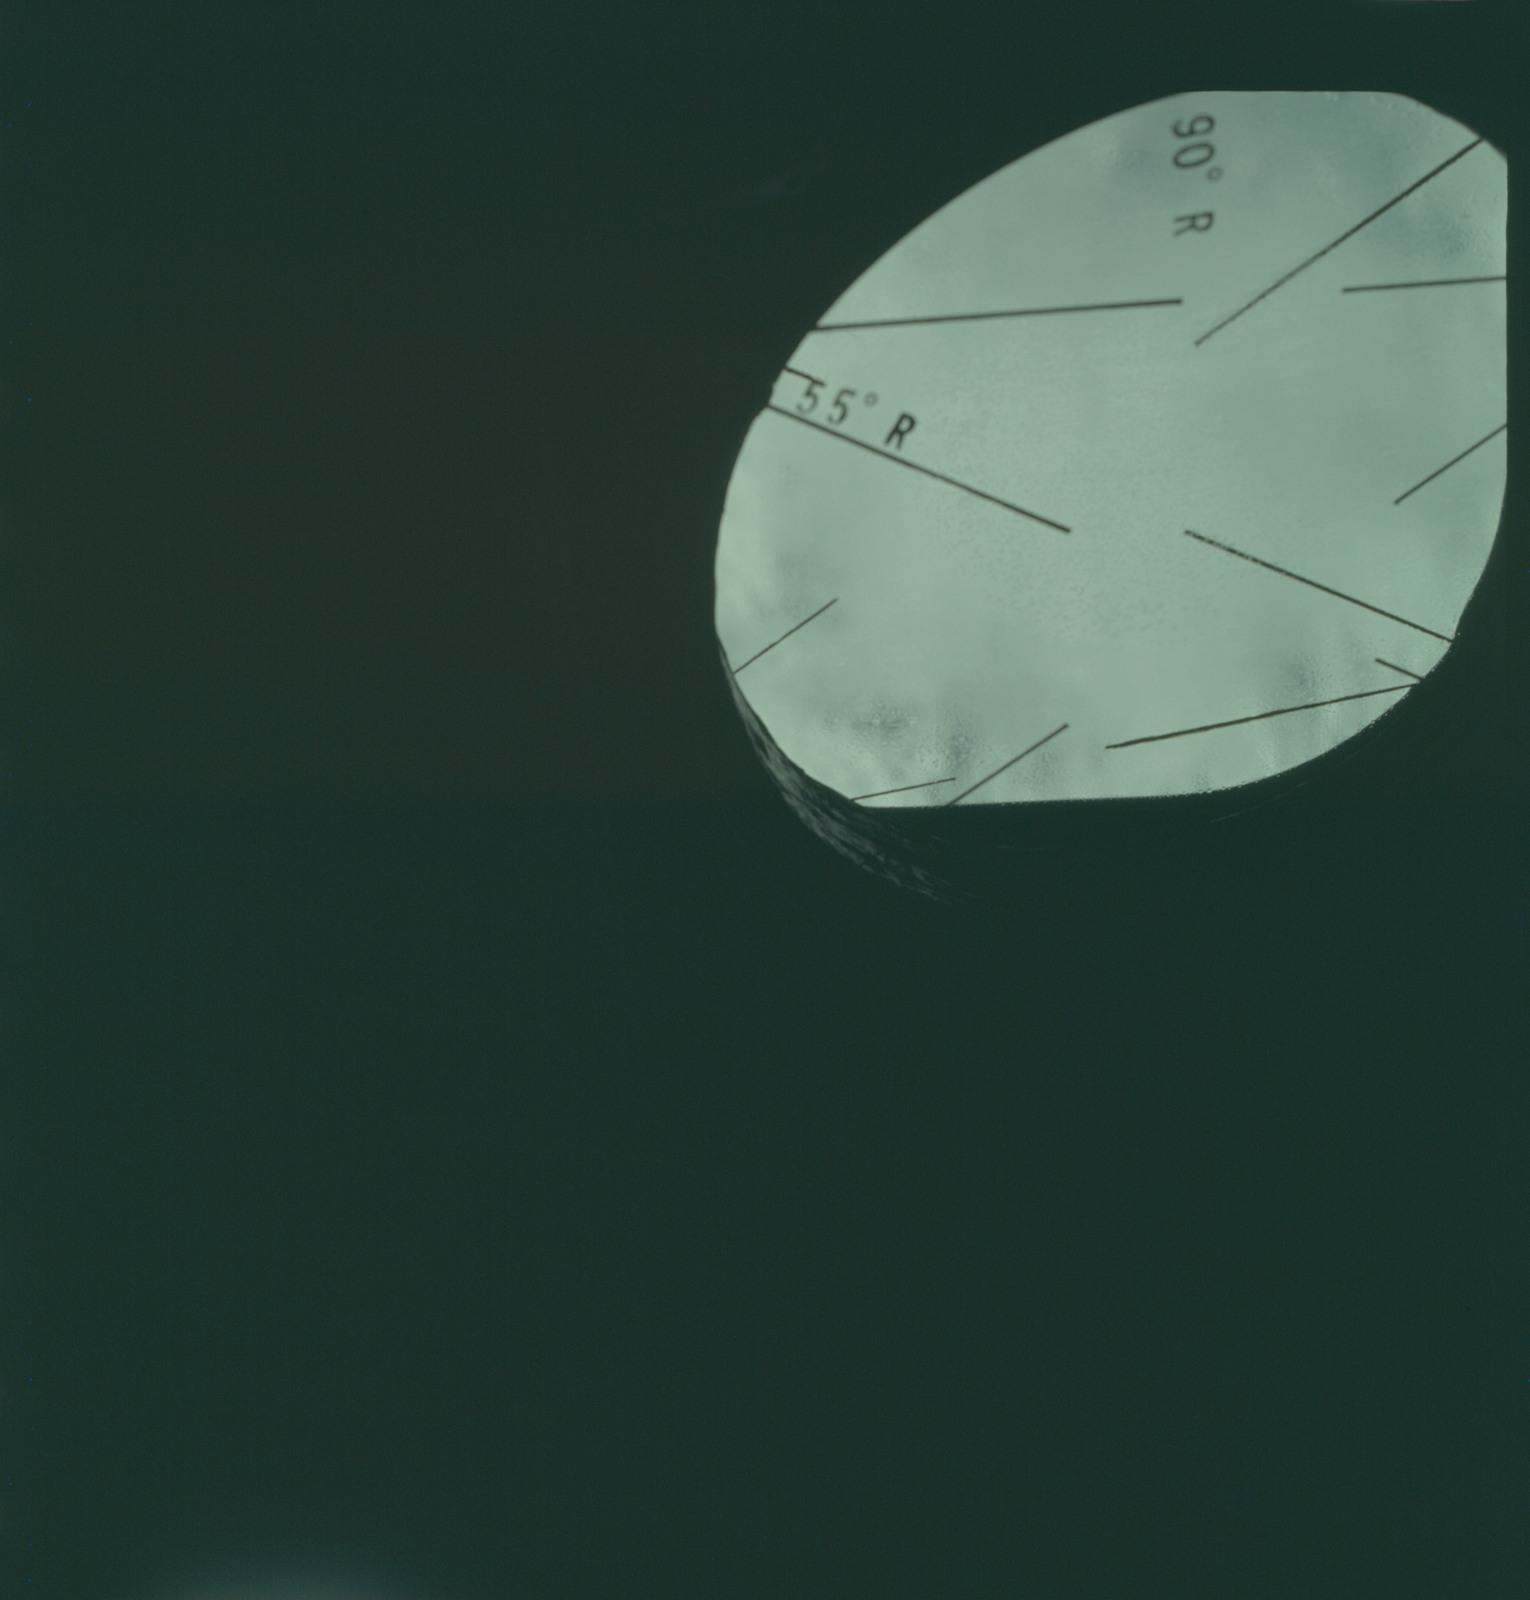 AS07-04-1580 - Apollo 7 - Apollo 7 Mission, Command Module window